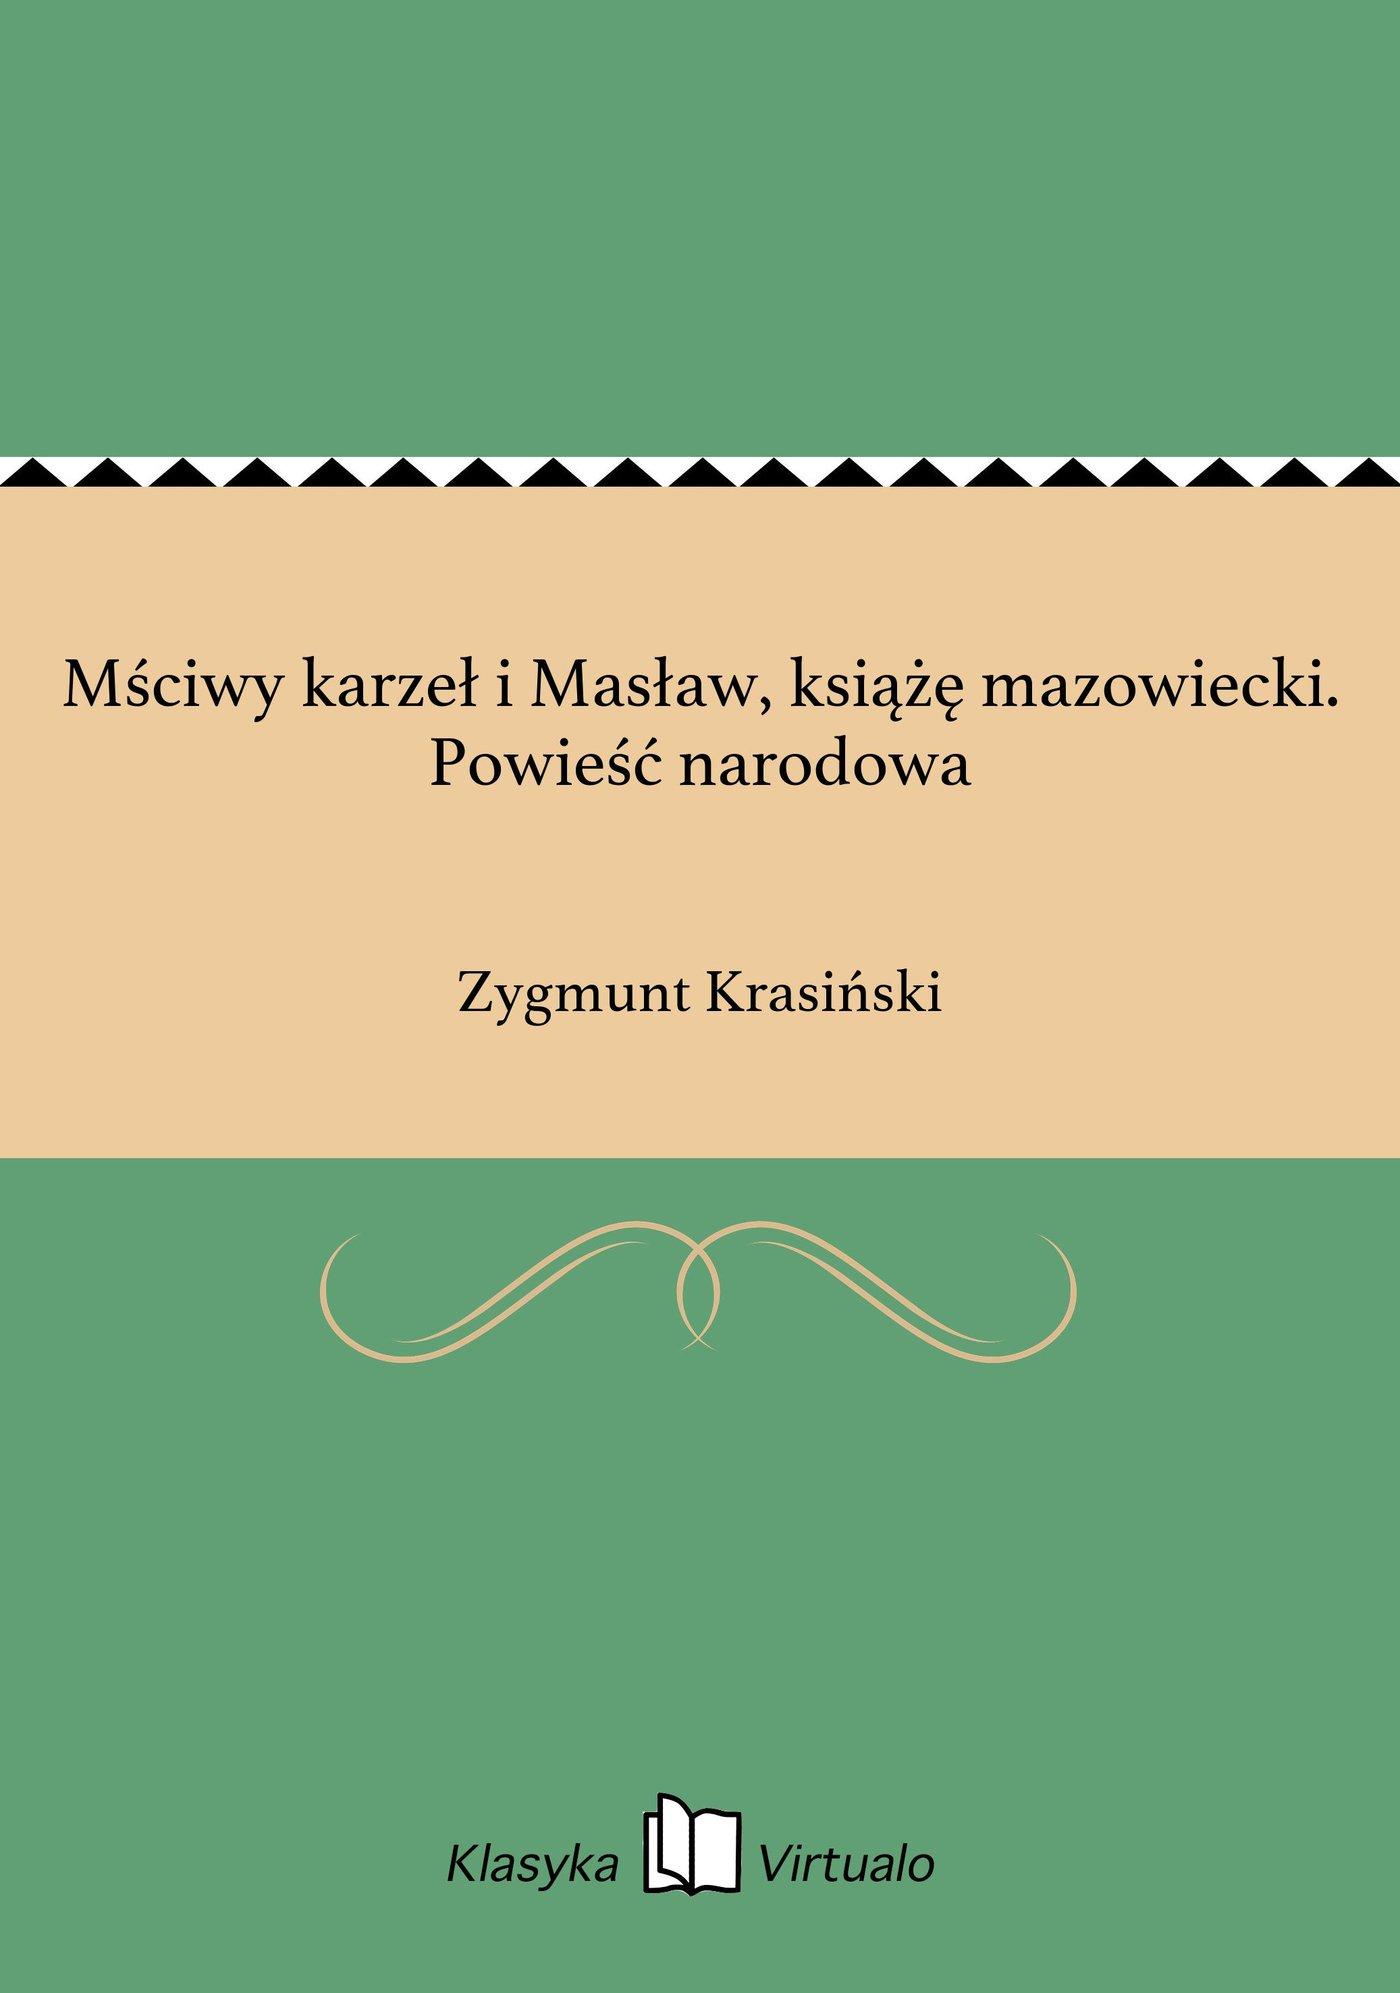 Mściwy karzeł i Masław, książę mazowiecki. Powieść narodowa - Ebook (Książka EPUB) do pobrania w formacie EPUB